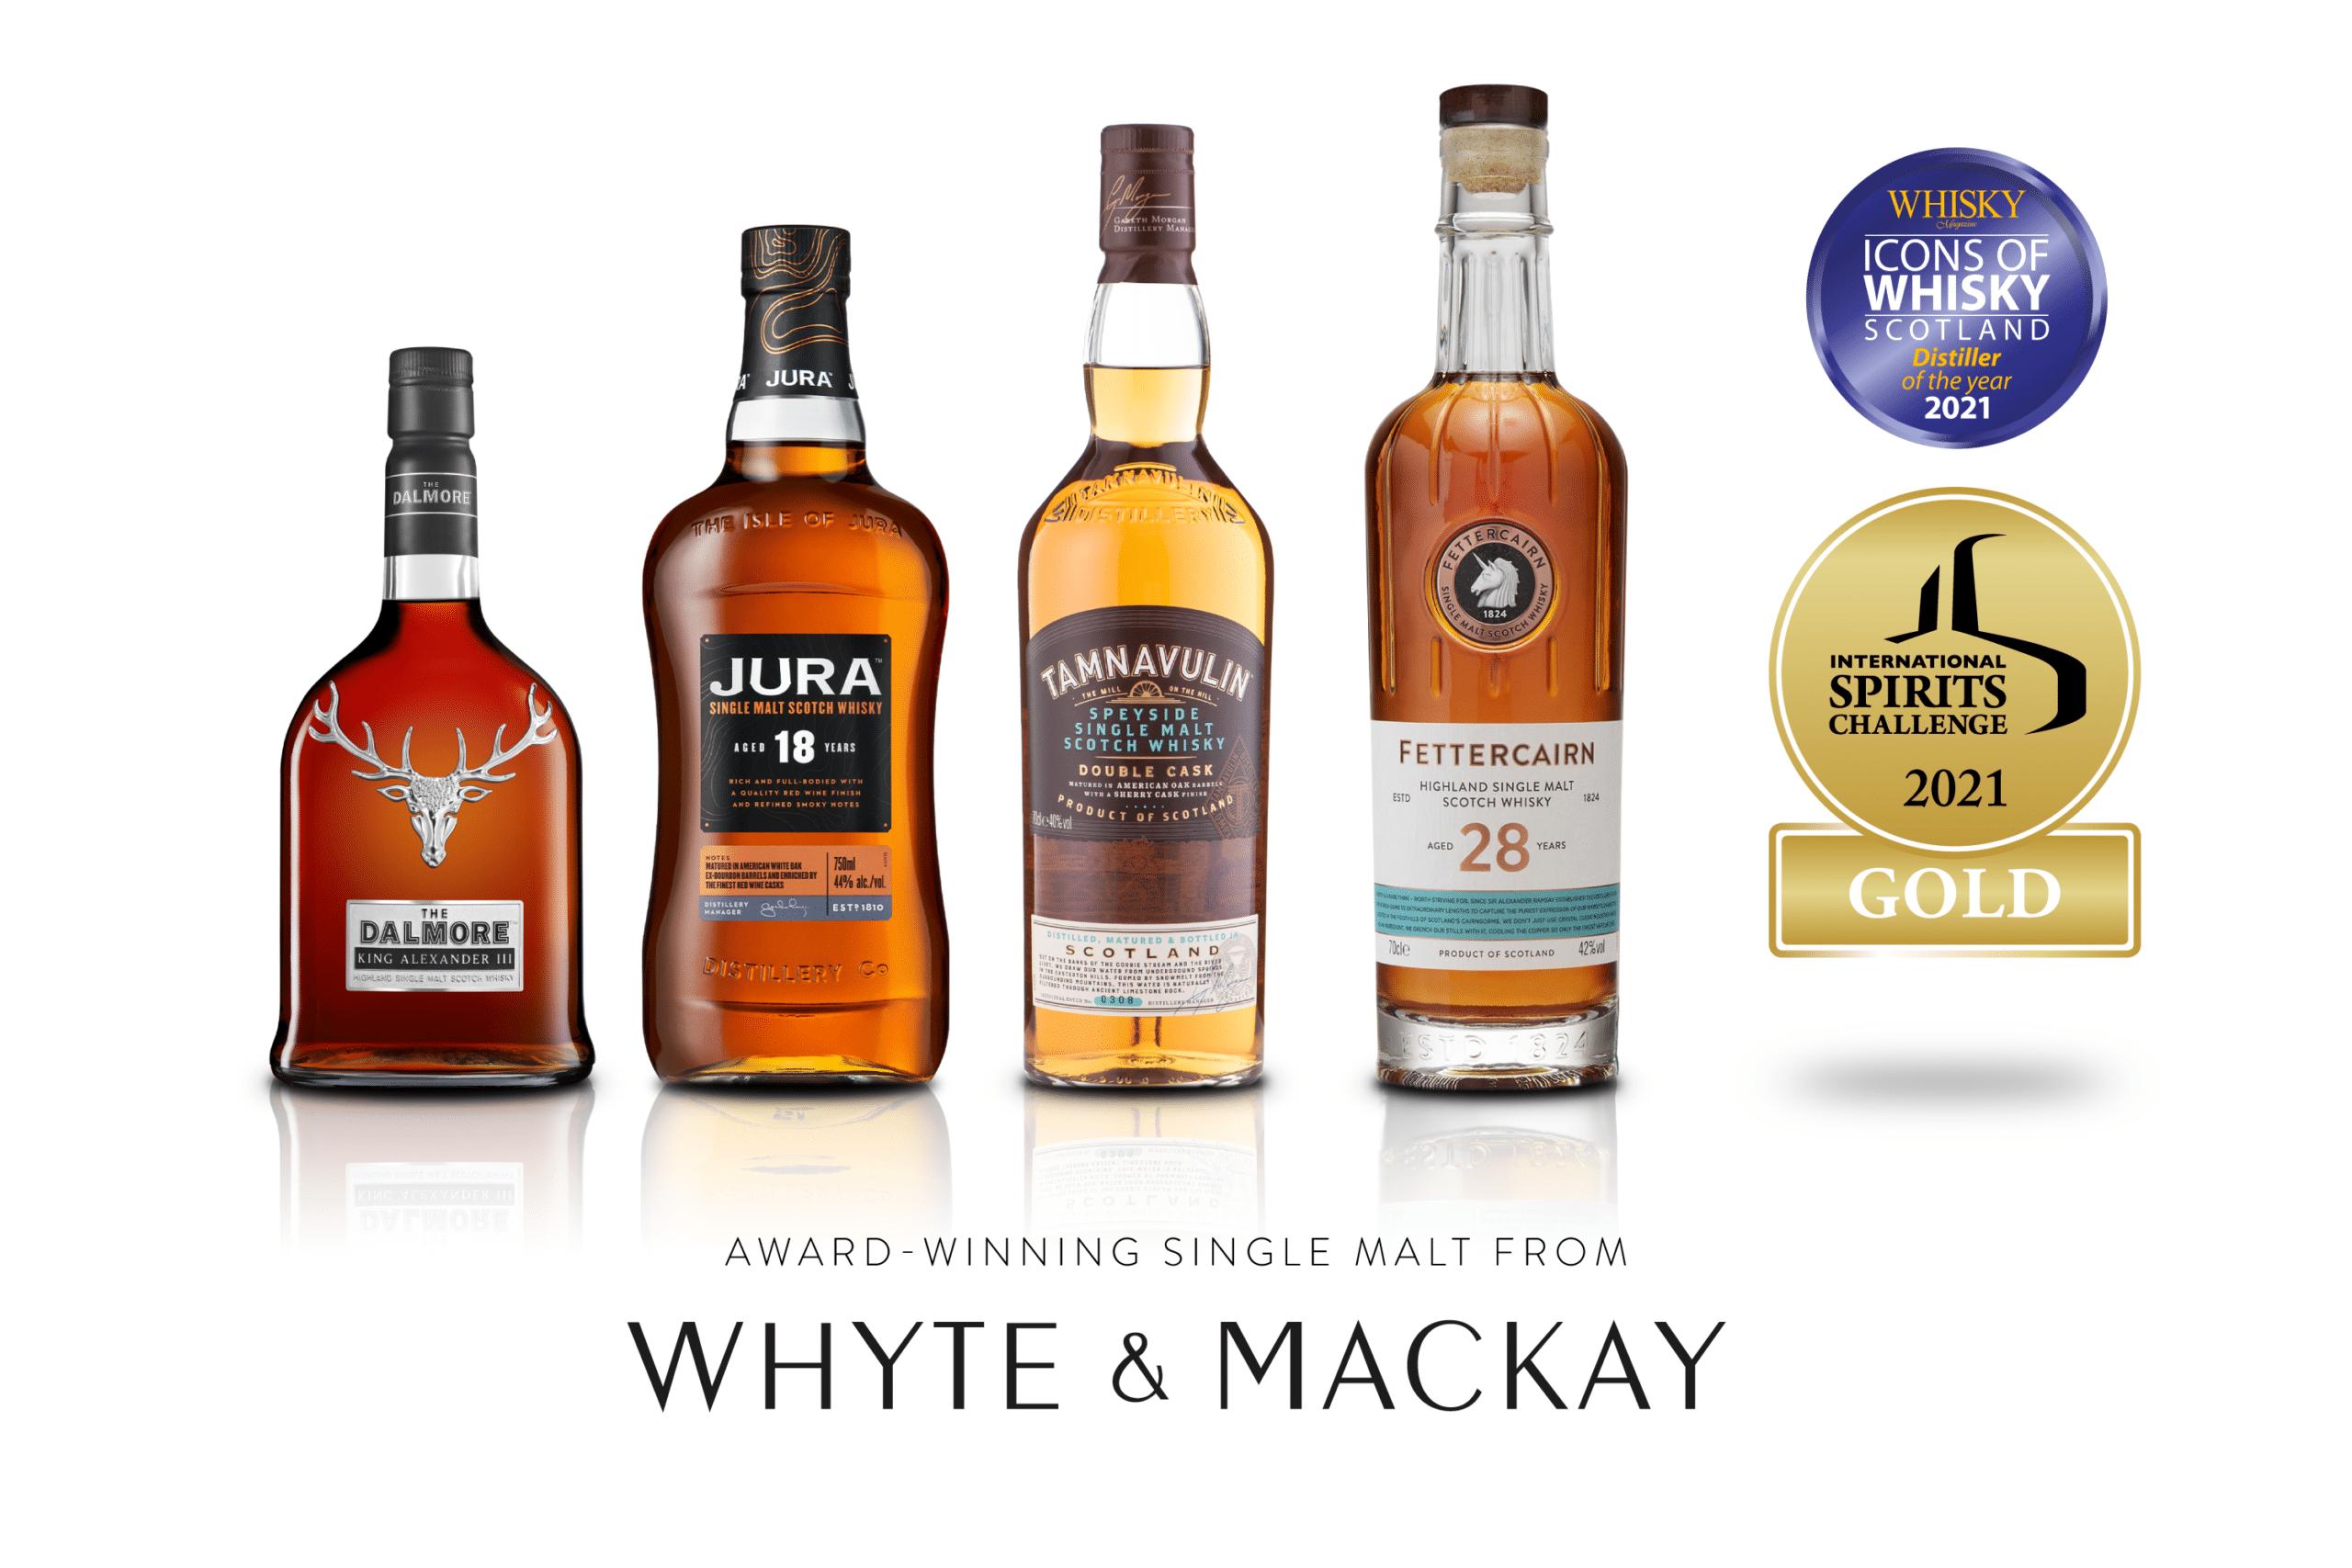 Whyte & Mackay 2021 awards